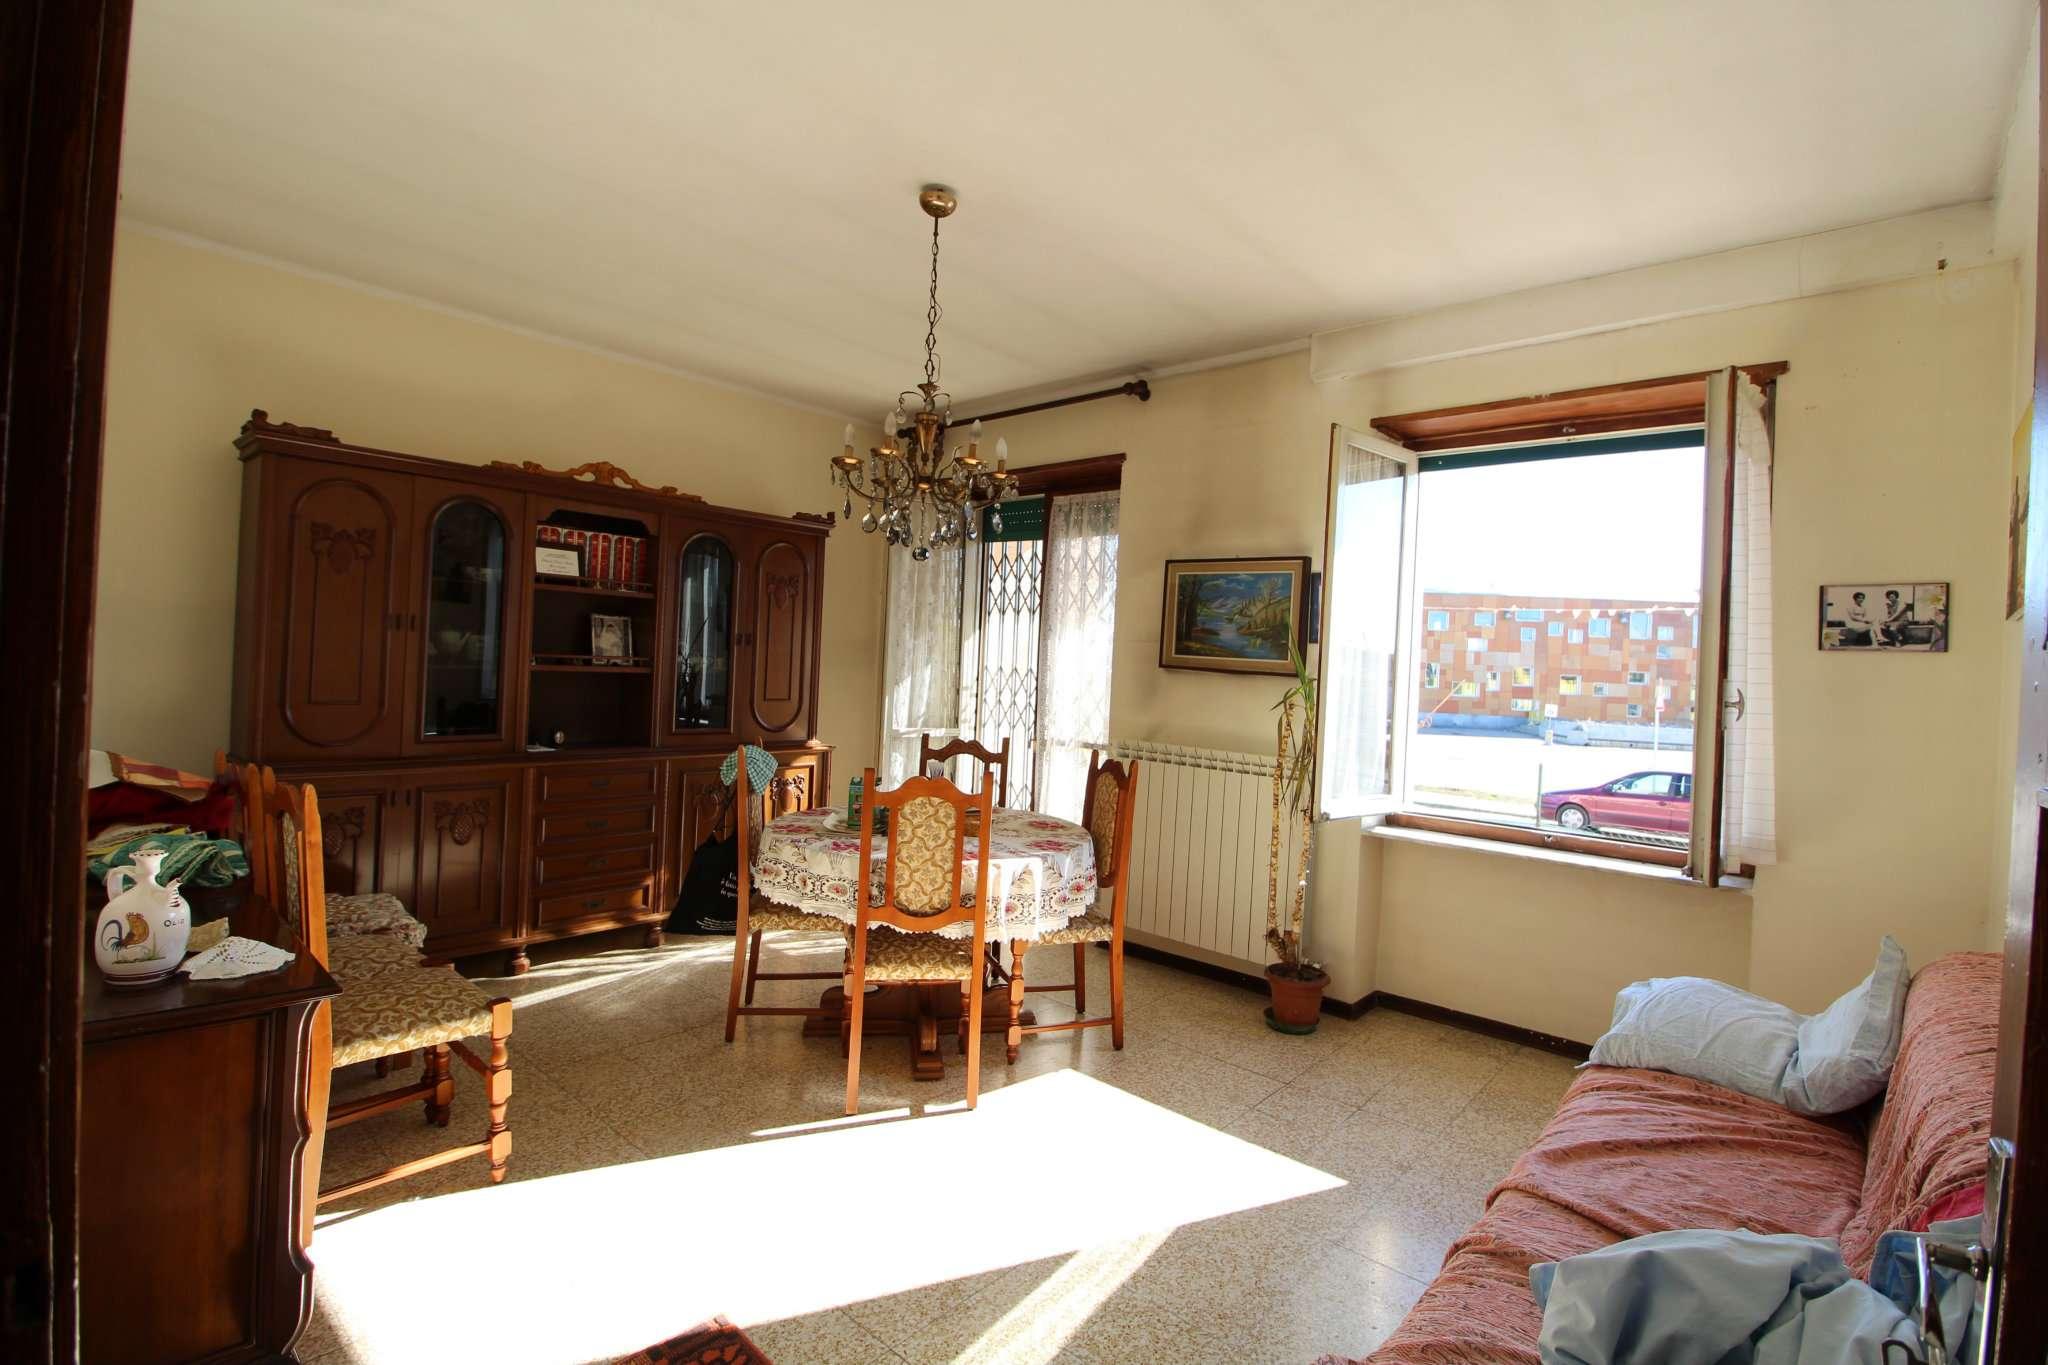 Appartamento in vendita a Piobesi Torinese, 5 locali, prezzo € 99.000 | CambioCasa.it